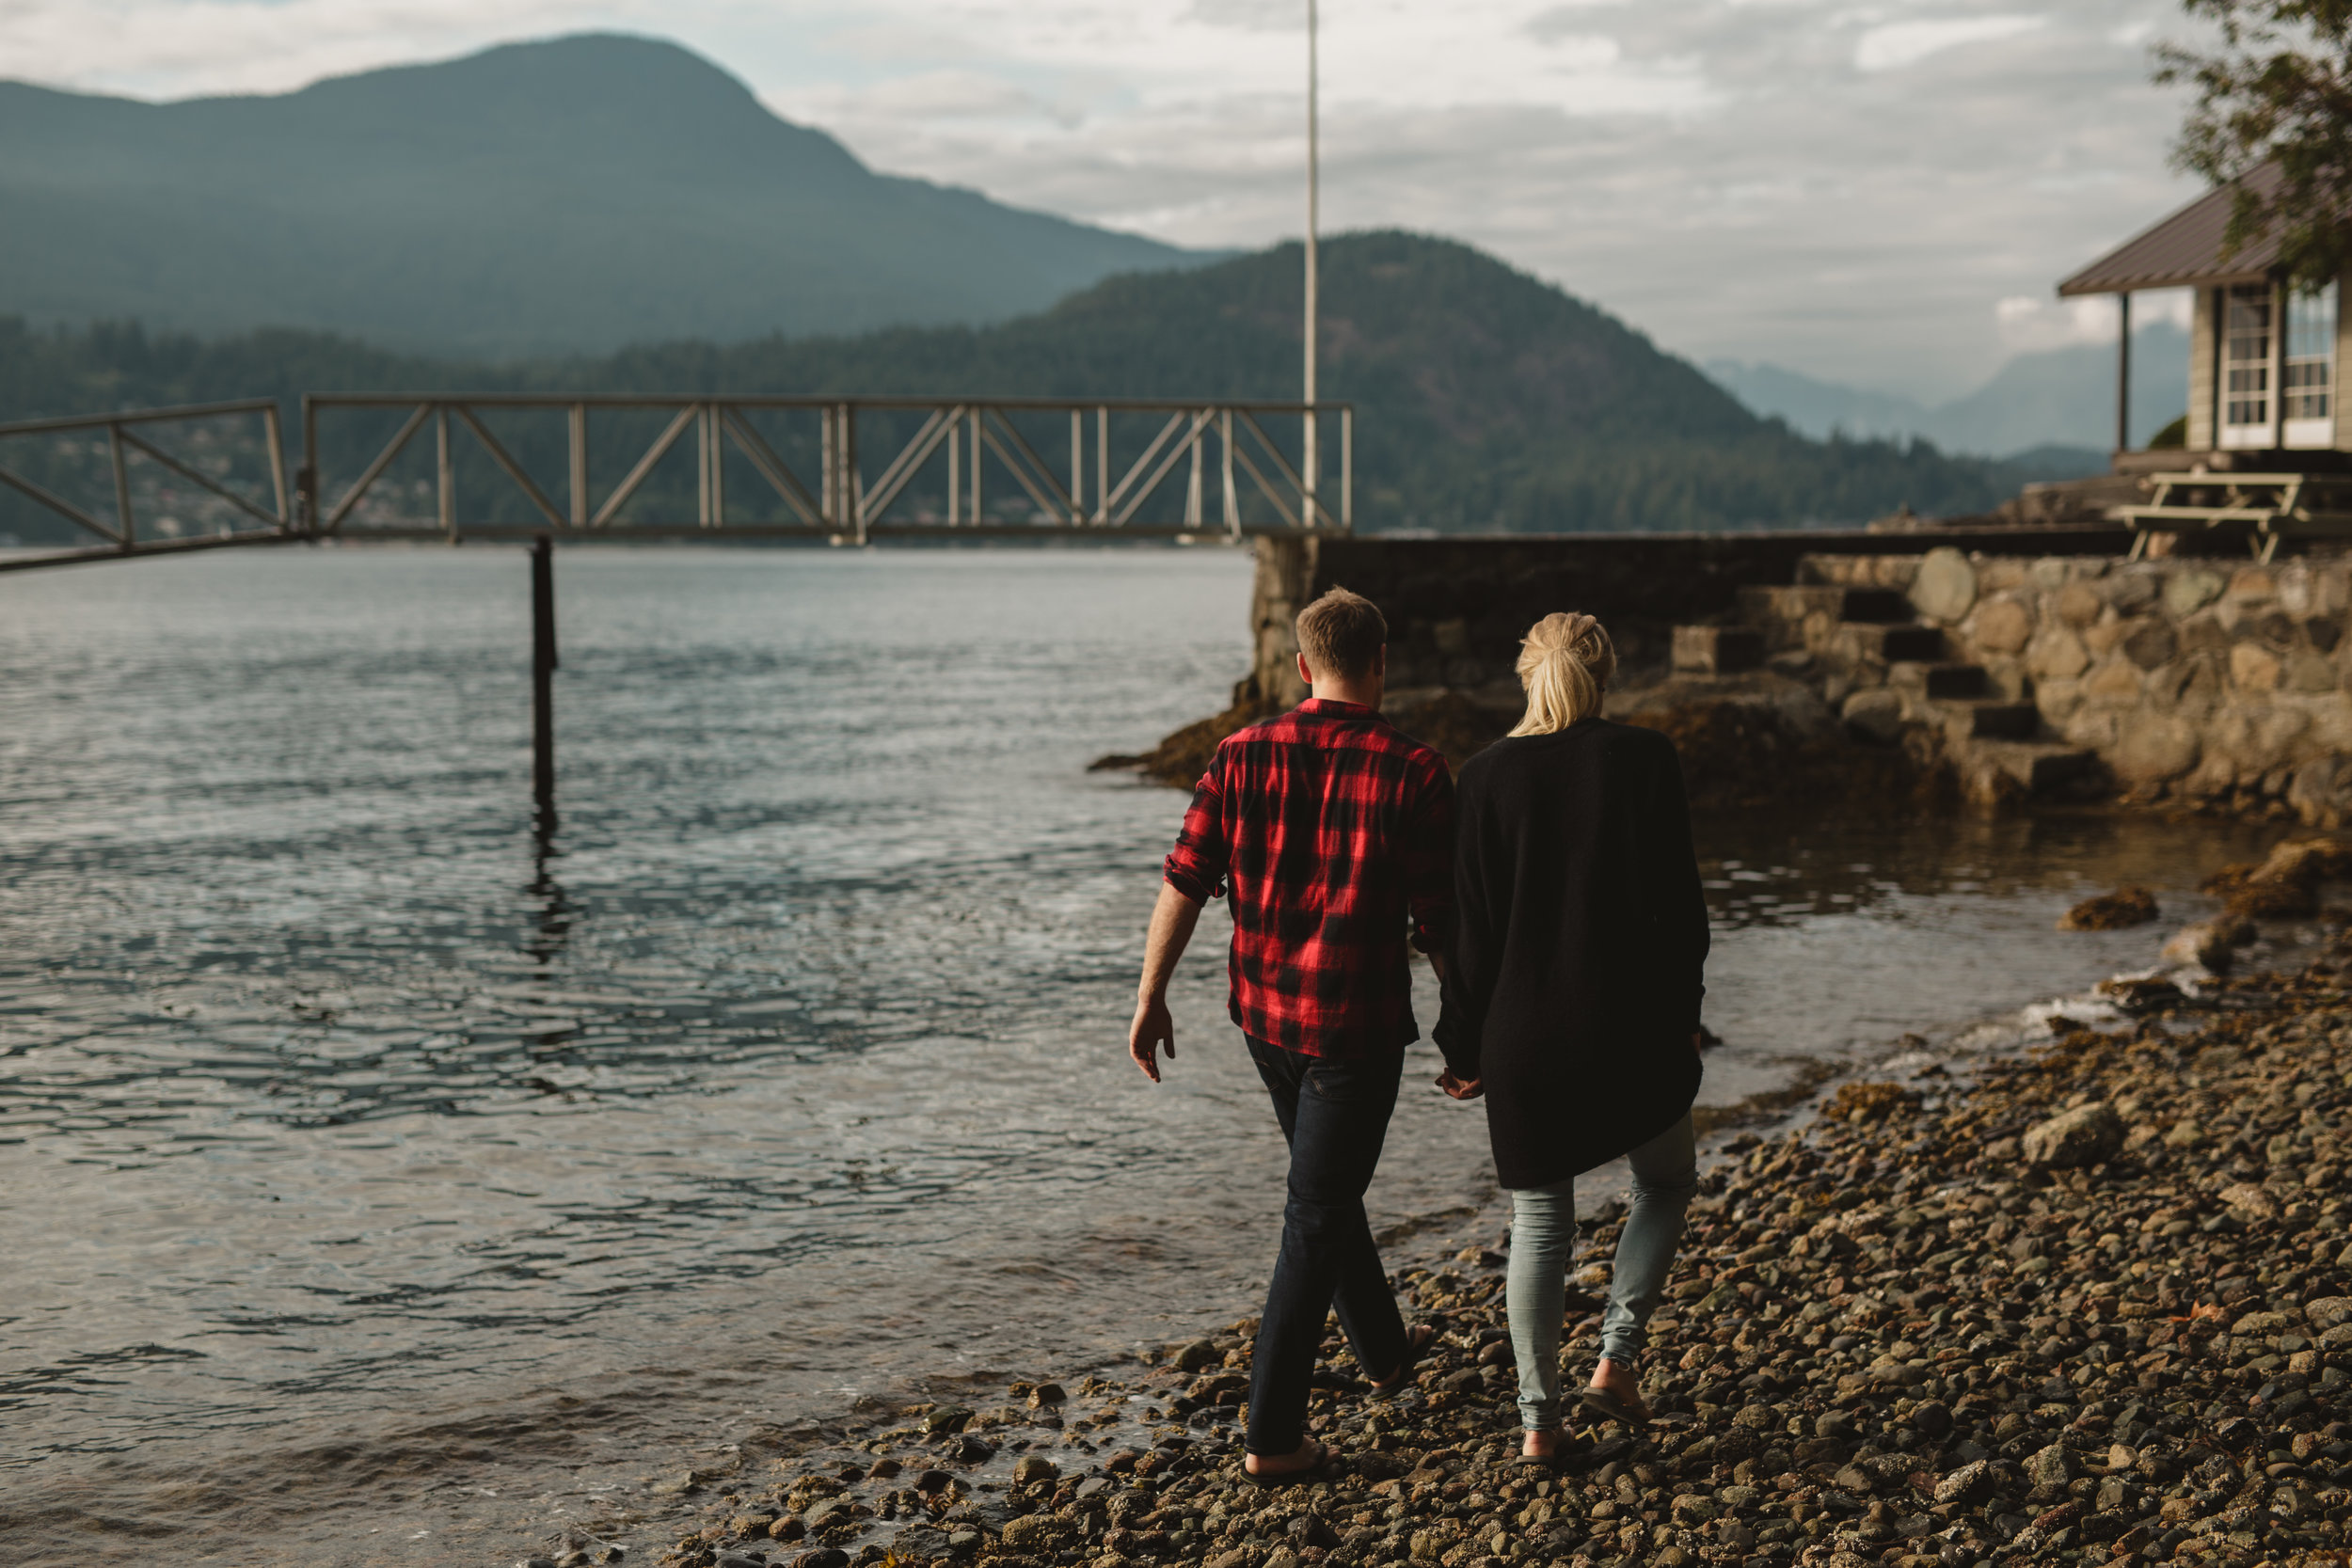 Keats Island Engagement Photos - Sunshine Coast Engagement Photos - Sunshine Coast Wedding Photographer - Vancovuer Wedding Photographer - Jennifer Picard Photography - IMG_9752.jpg